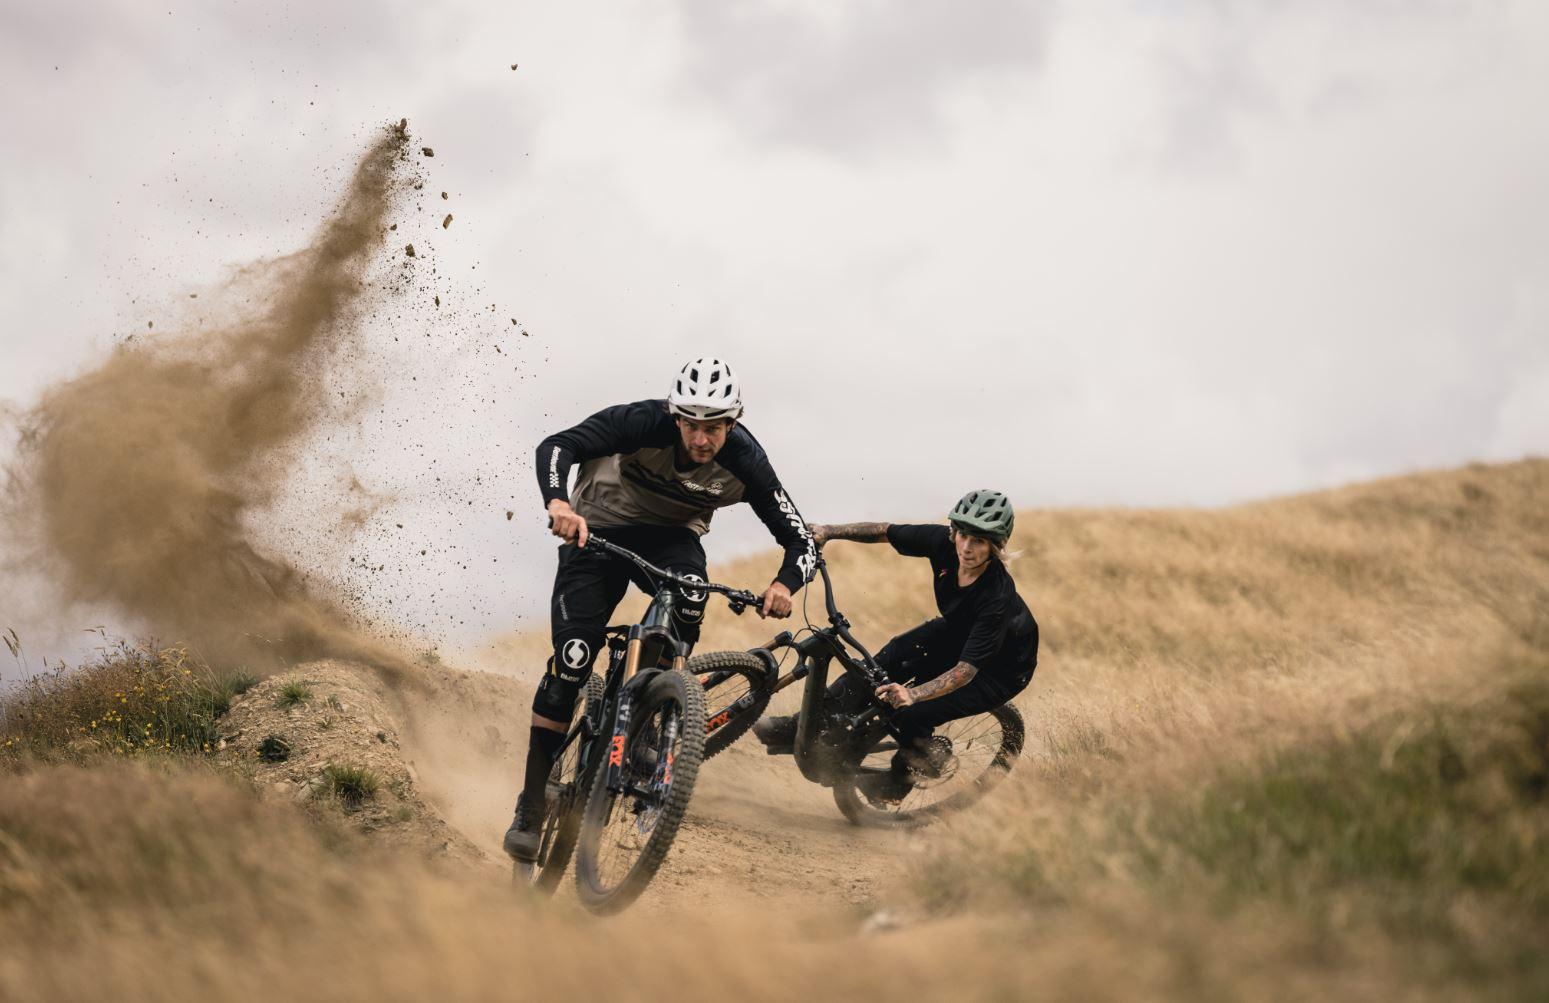 Kenevo SL Action 2 Cycleholix